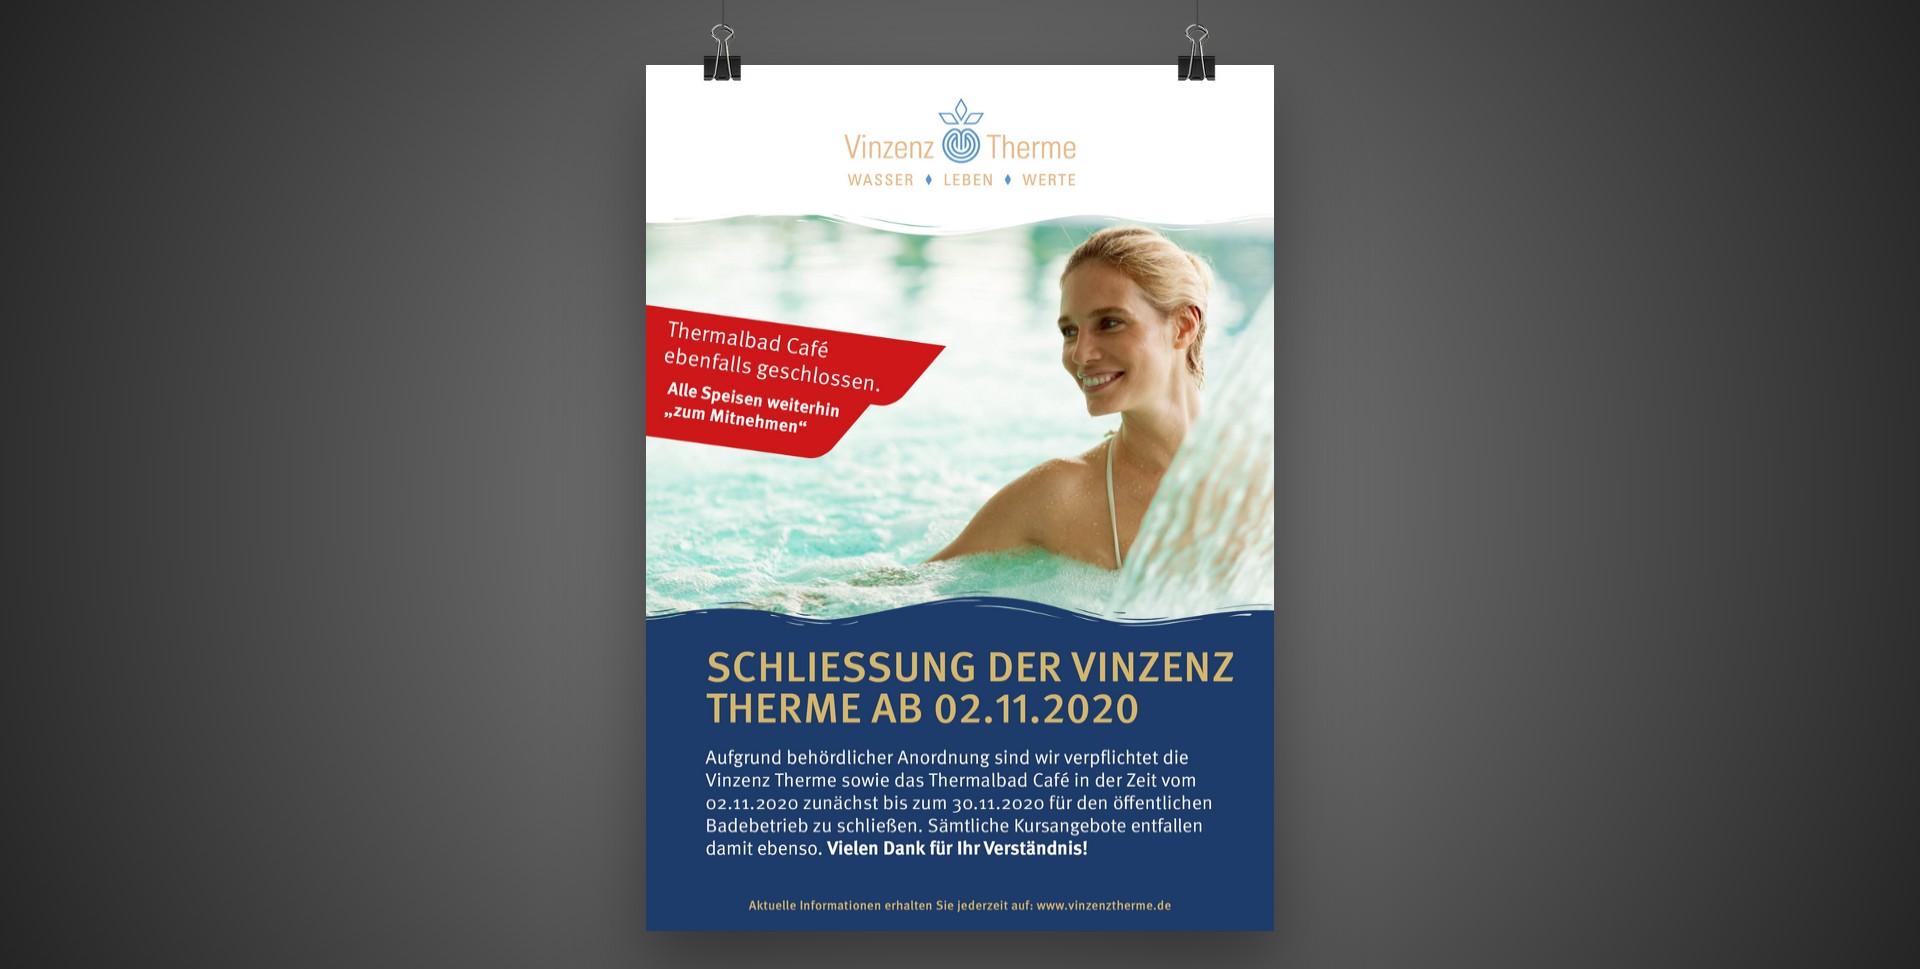 Schließung der Vinzenz Therme sowie des Thermalbad Café ab 02.11. bis 30.11.2020